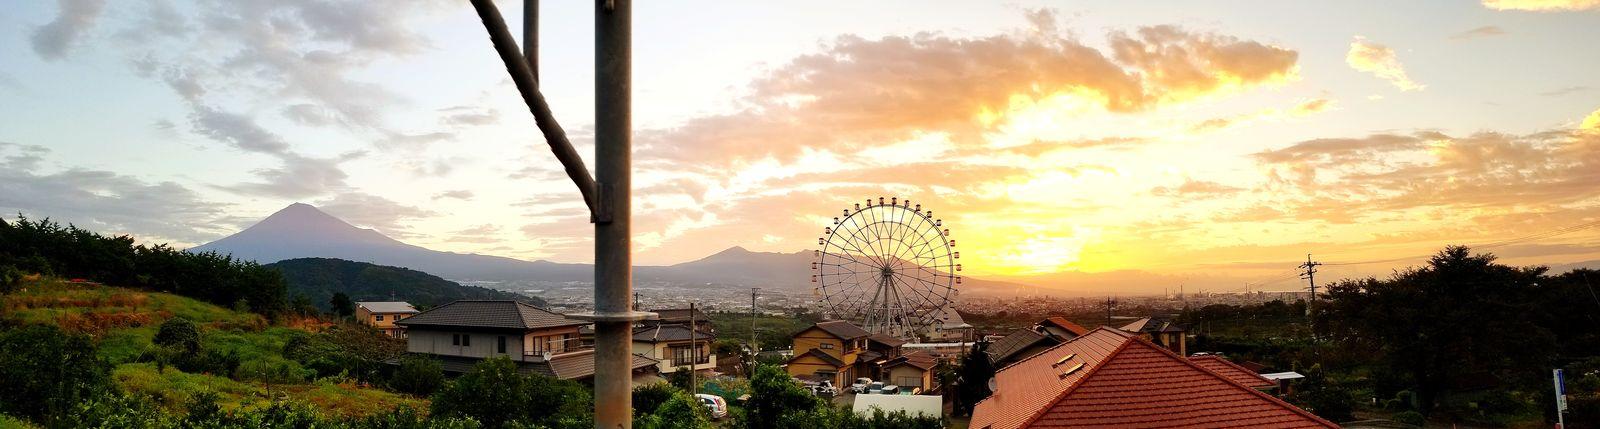 2018年9月24日 (今朝)我が家からの日の出頃の東の空。夜には中秋の名月が見れないかも・・・との事でしたが、この朝焼けでは無理もない、そう思わせるような感じでした。でも、十五夜さん見れてよかったなぁ。写真左は富士山。観覧車は東名上り線富士川SA「フジスカイビュー」です。 Sunrise おはよう 富士市 日の出 富士山 Mt.Fuji 富士川楽座 富士川SA フジスカイビュー Mountain Silhouette Sky Cloud - Sky Dramatic Sky